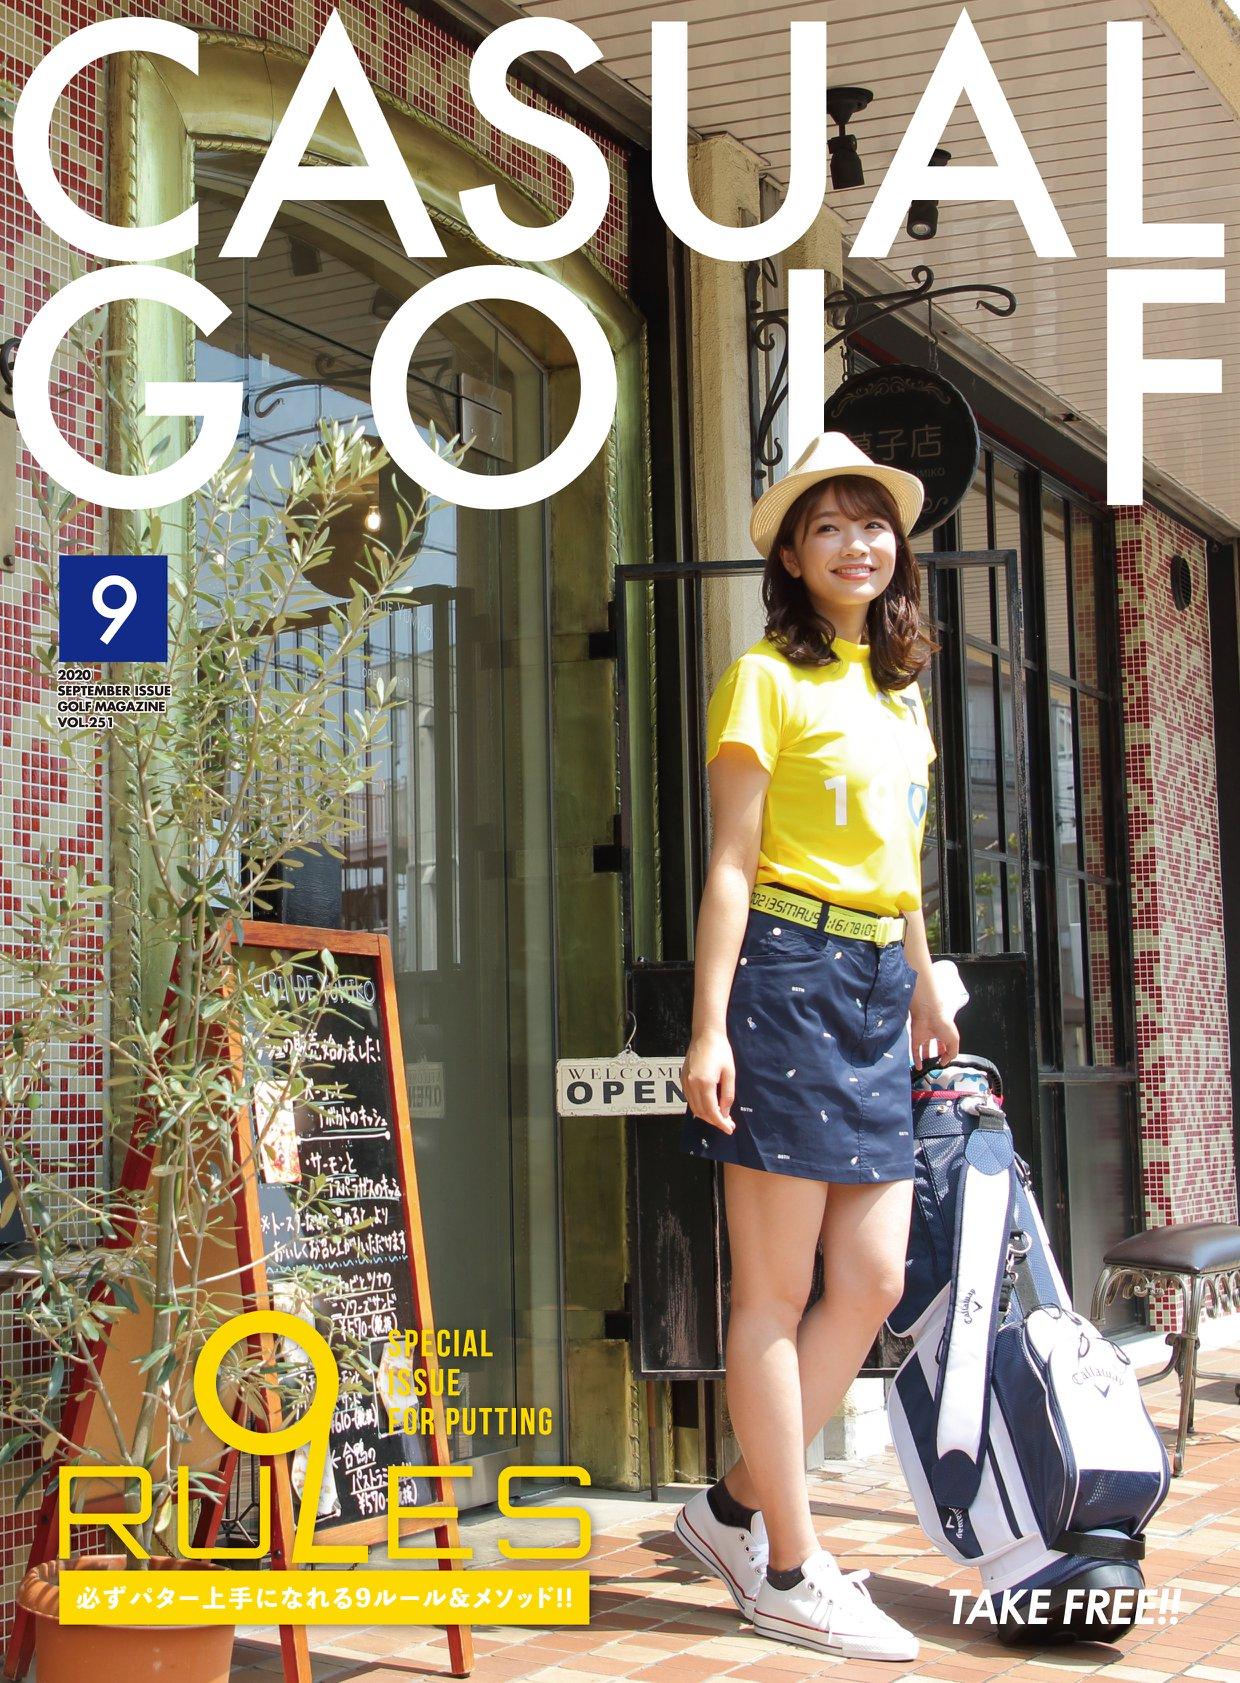 月刊カジュアルゴルフ2020.09号 正確に答えられますか?ハイコンテクストで理解する「フェード」と「スライス」の違い